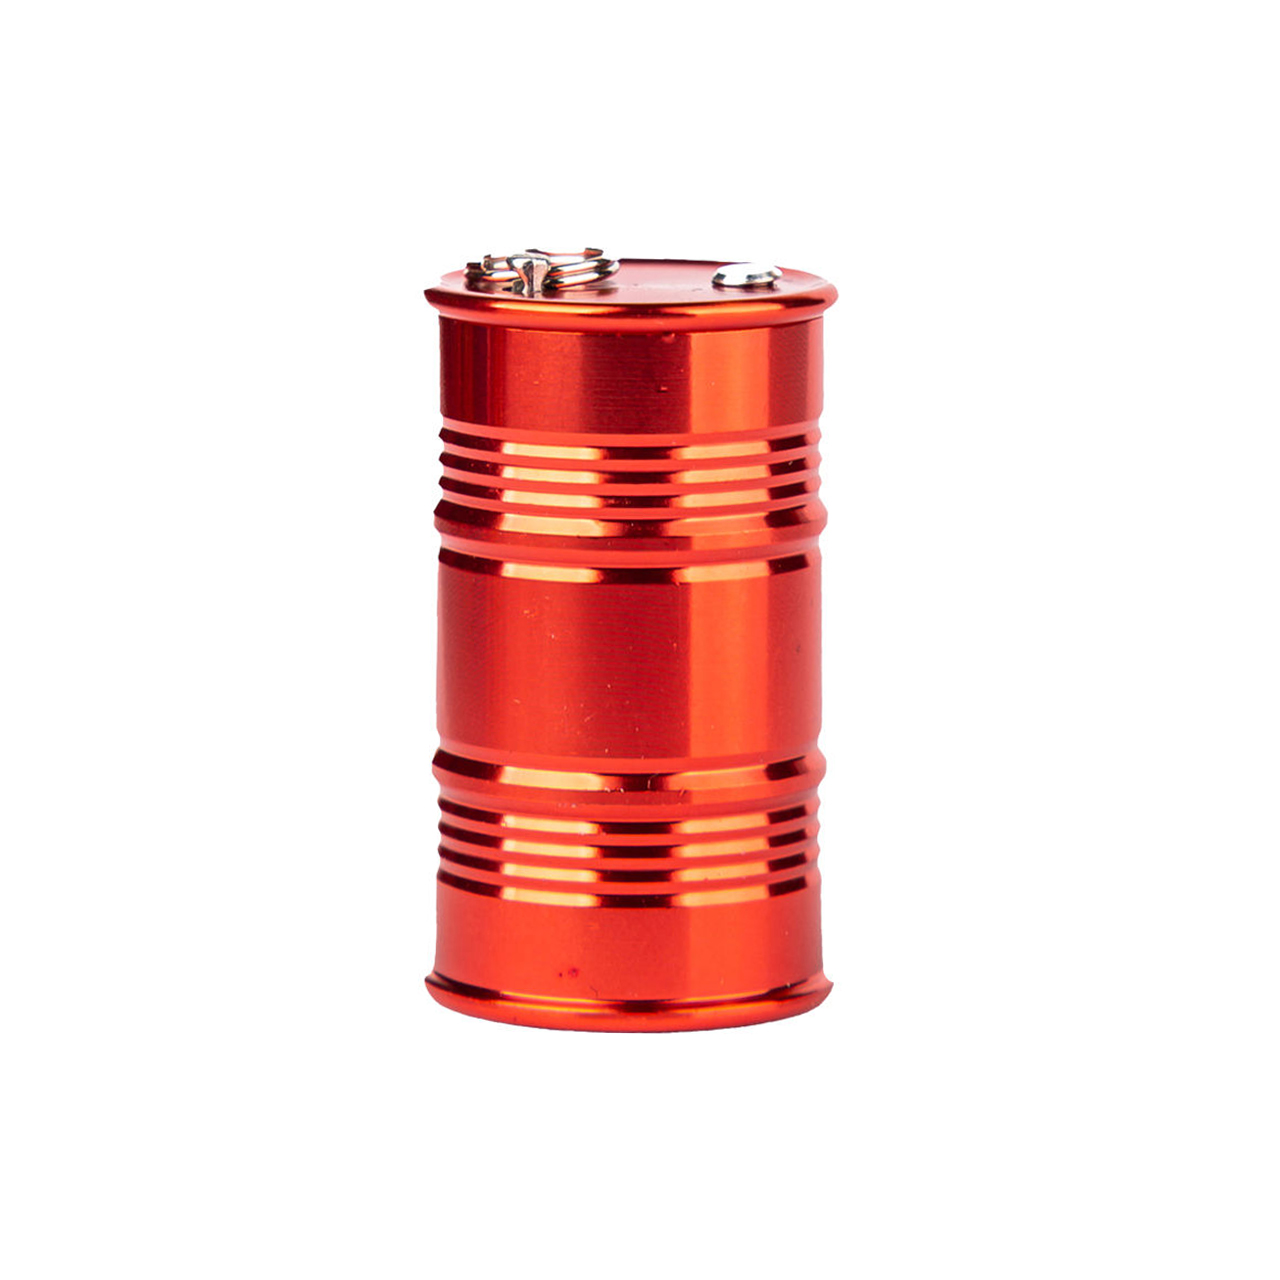 بررسی و خرید [با تخفیف]                                     فلش مموری طرح بشکه نفت مدل DME1015 ظرفیت 32 گیگابایت                             اورجینال